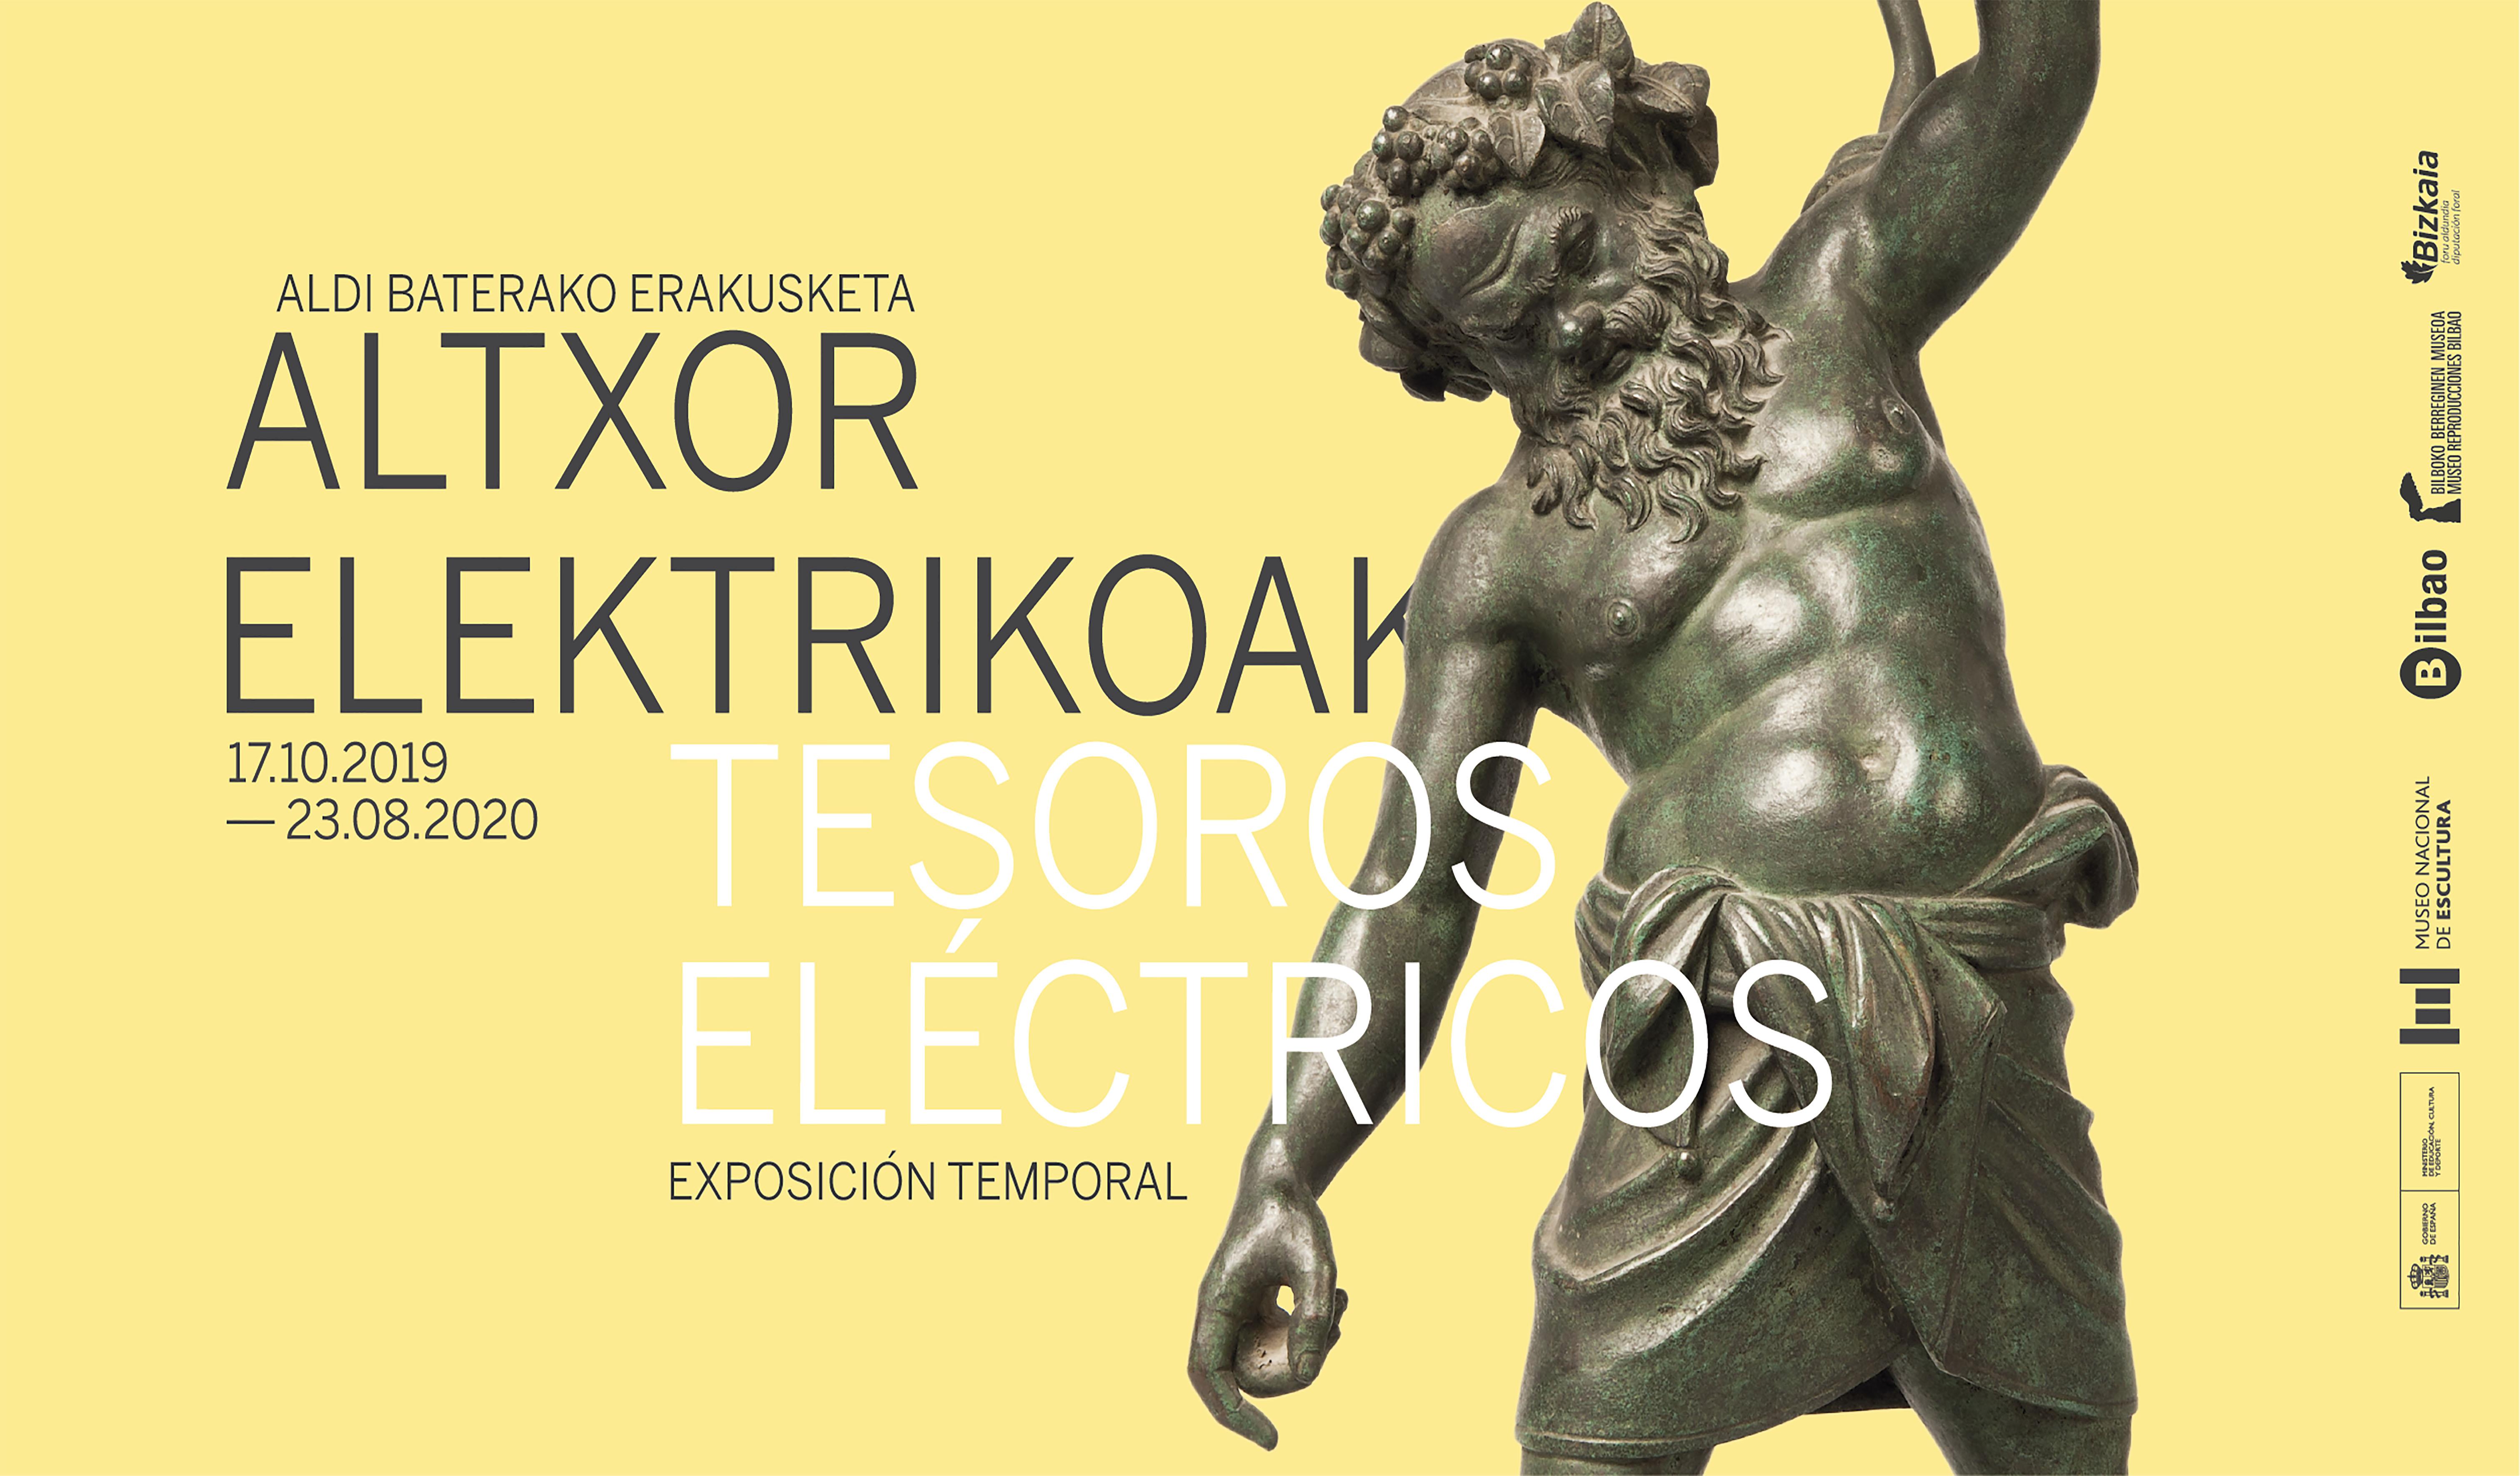 Altxor Elektrikoak Berreginen Museoan